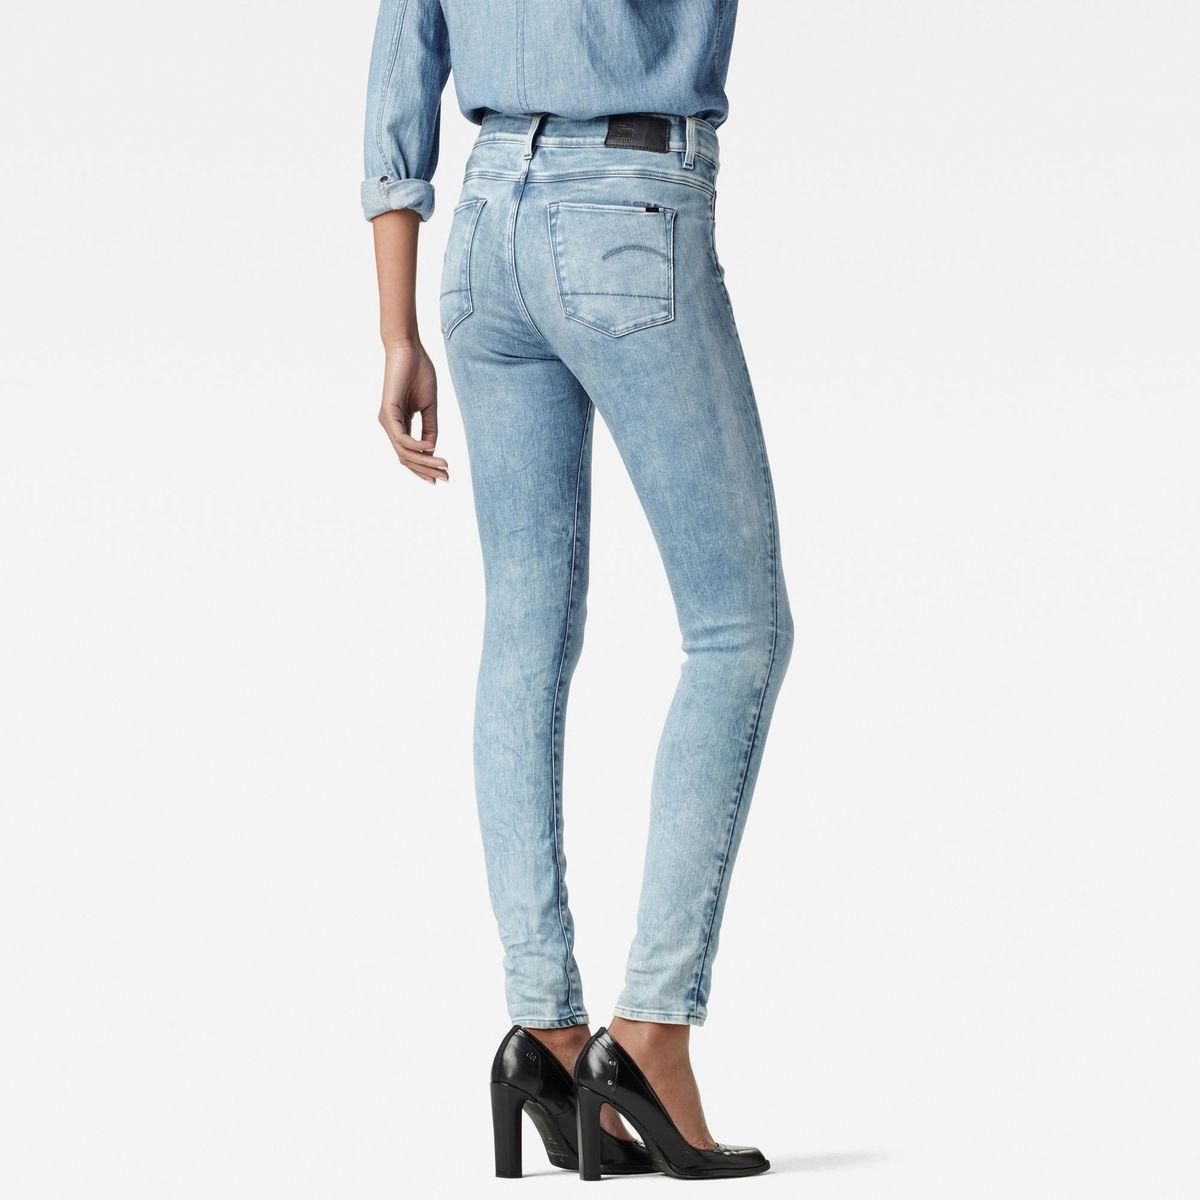 Bild 2 von 3301 Ultra High Waist Super Skinny Jeans